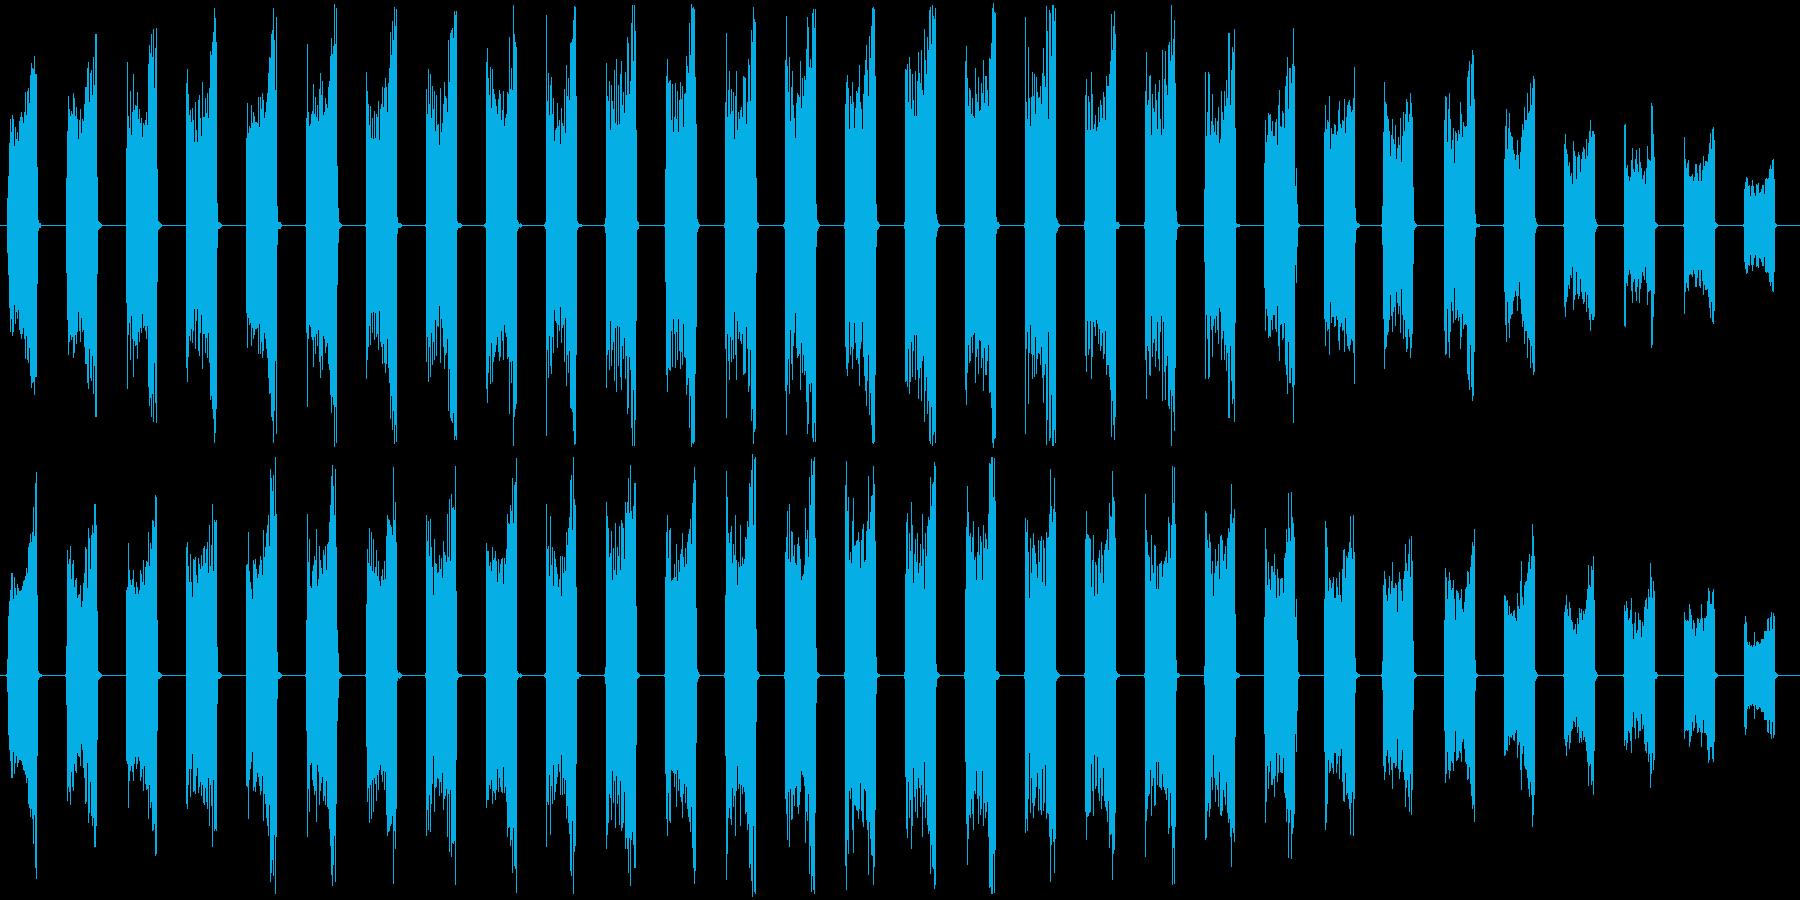 【ロボット/機械/乗り物シャットダウン】の再生済みの波形